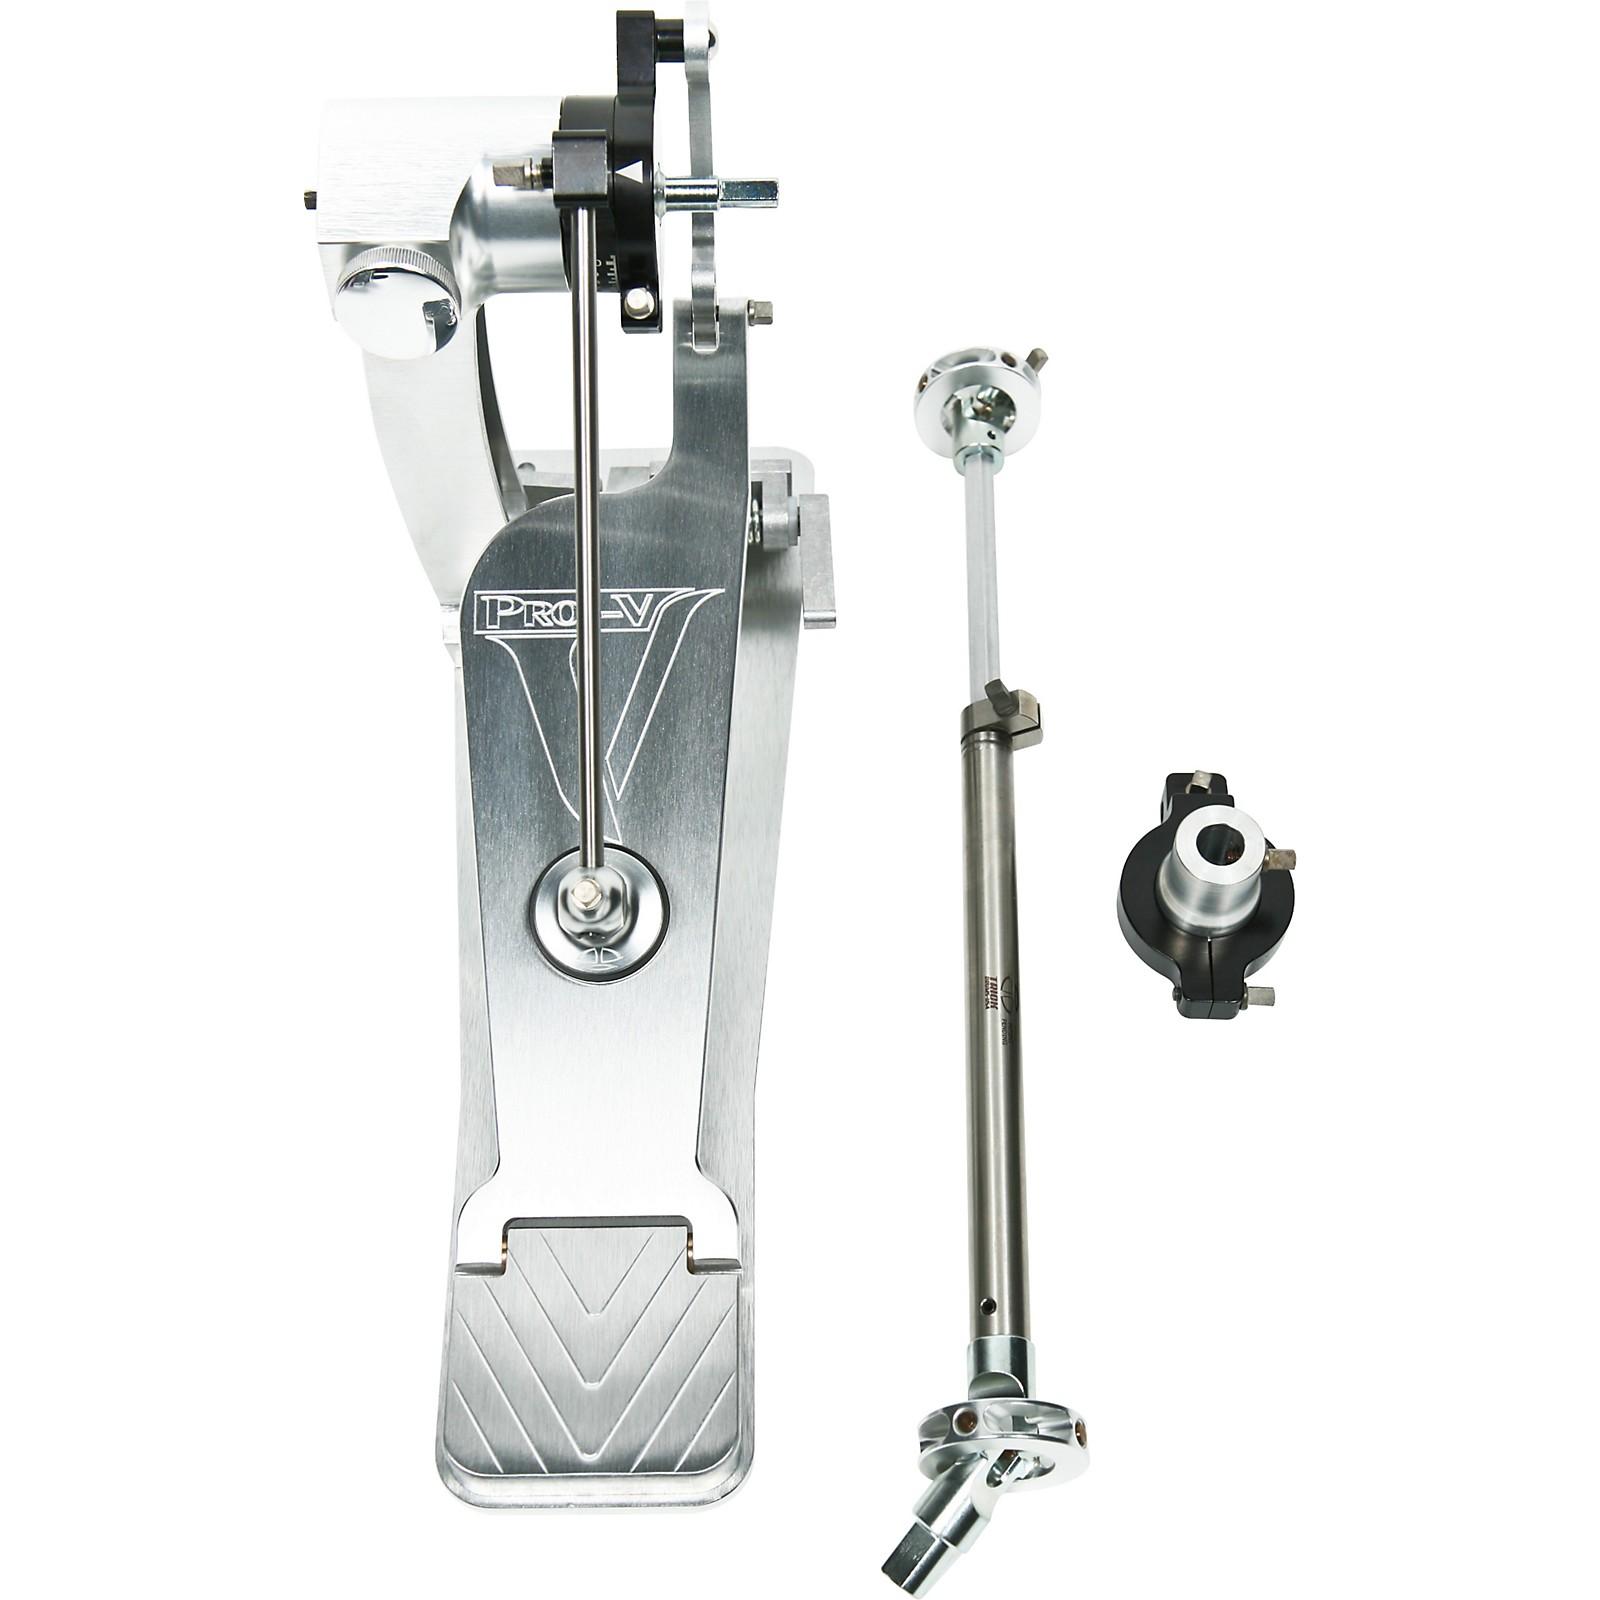 Trick Drums Pro 1-V Detonator Double Pedal Conversion Kit